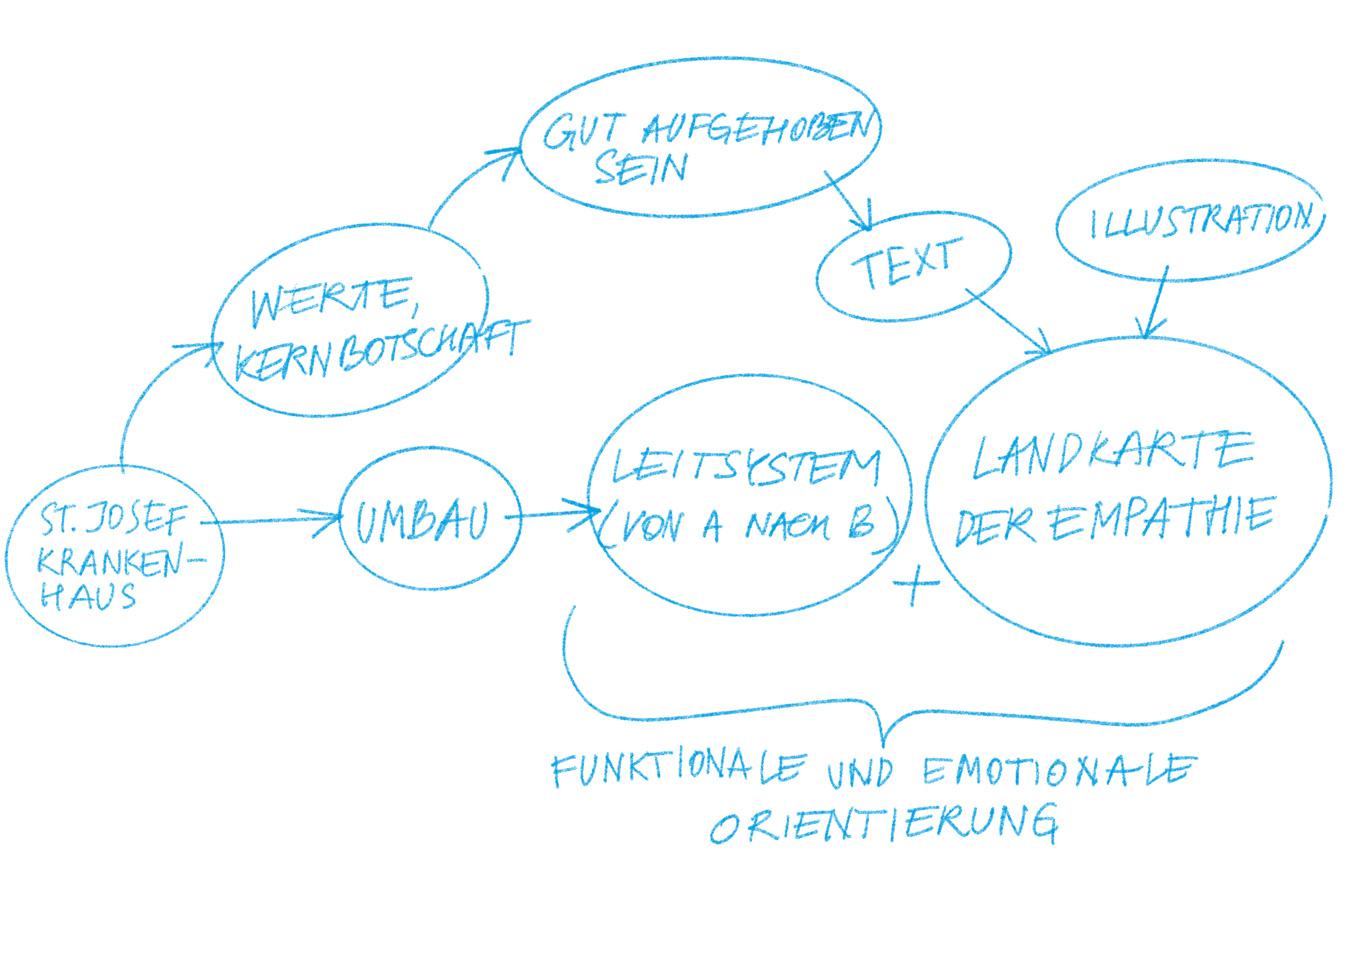 Illustration die die Arbeitsbereiche und den Projektprozess als Abfolge darstellt